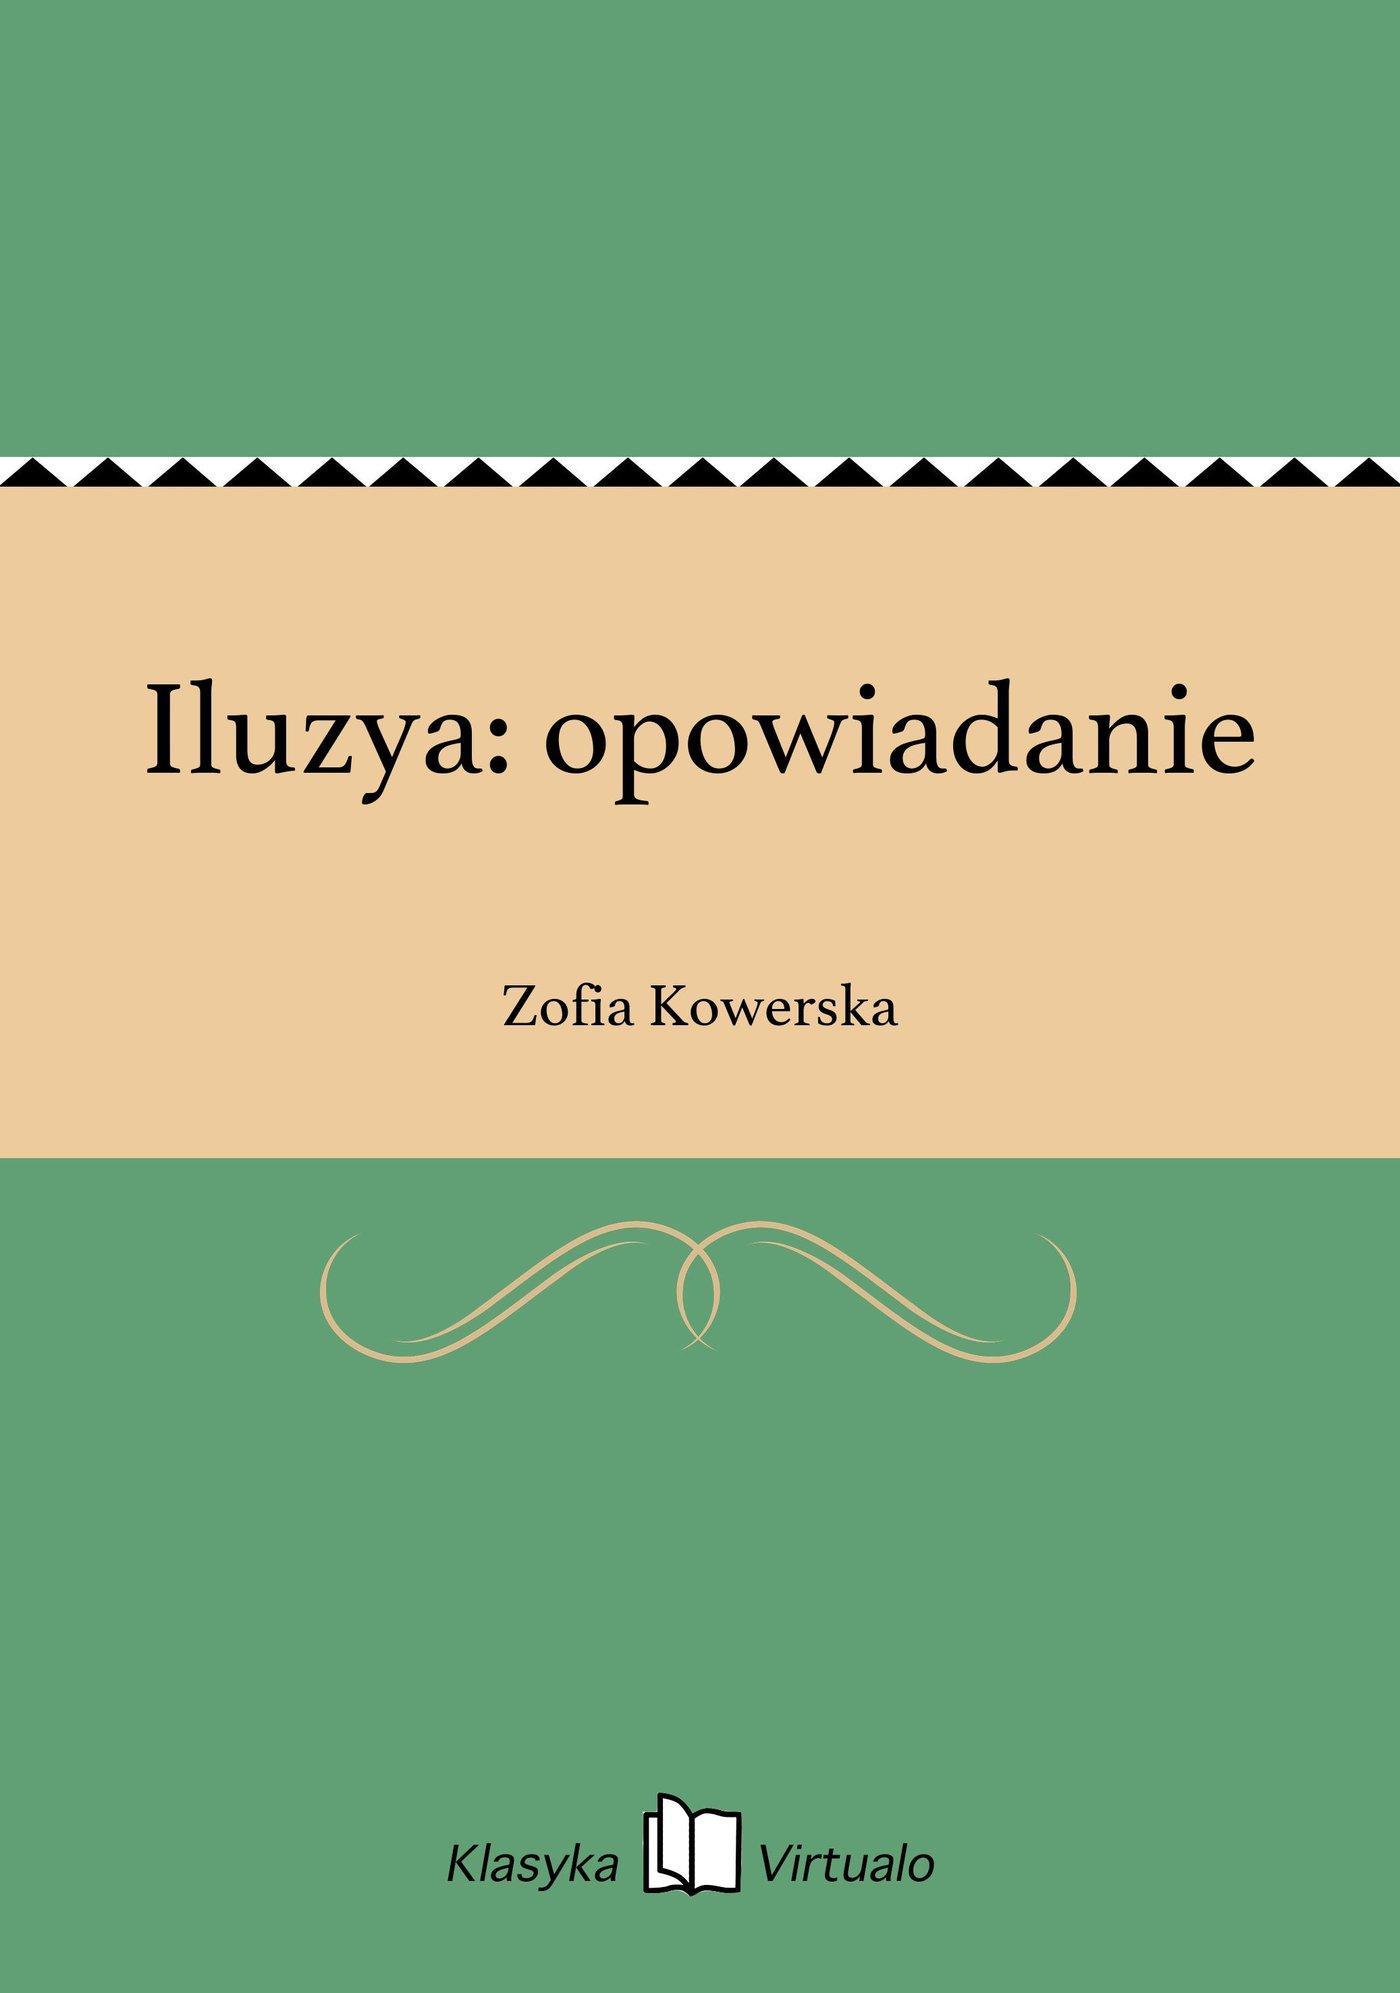 Iluzya: opowiadanie - Ebook (Książka EPUB) do pobrania w formacie EPUB